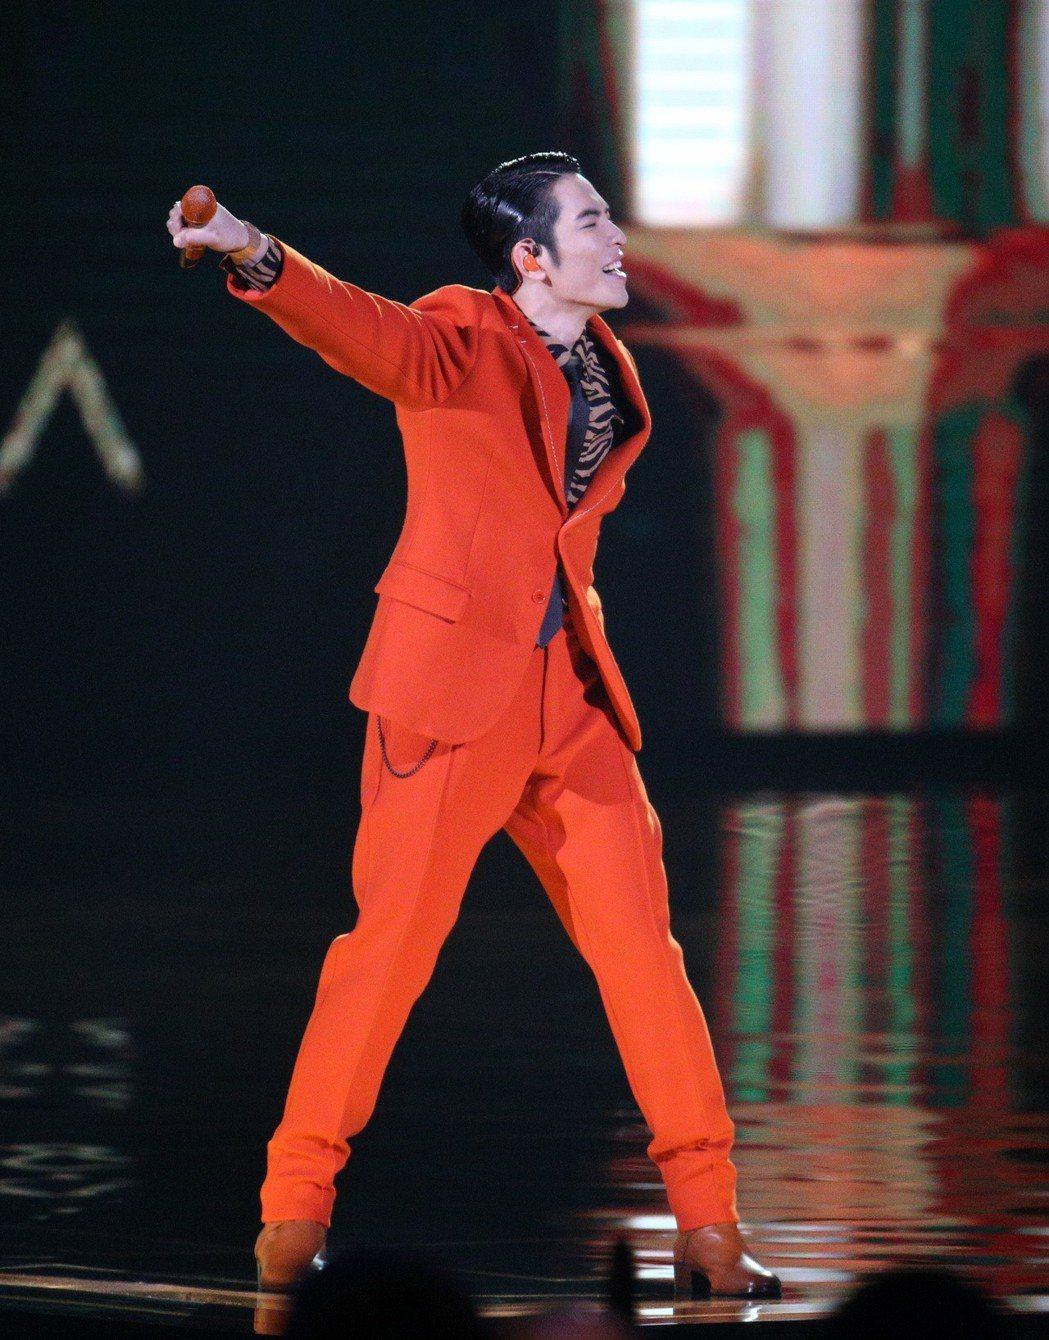 第29屆金曲獎主持人蕭敬騰。 本報資料照